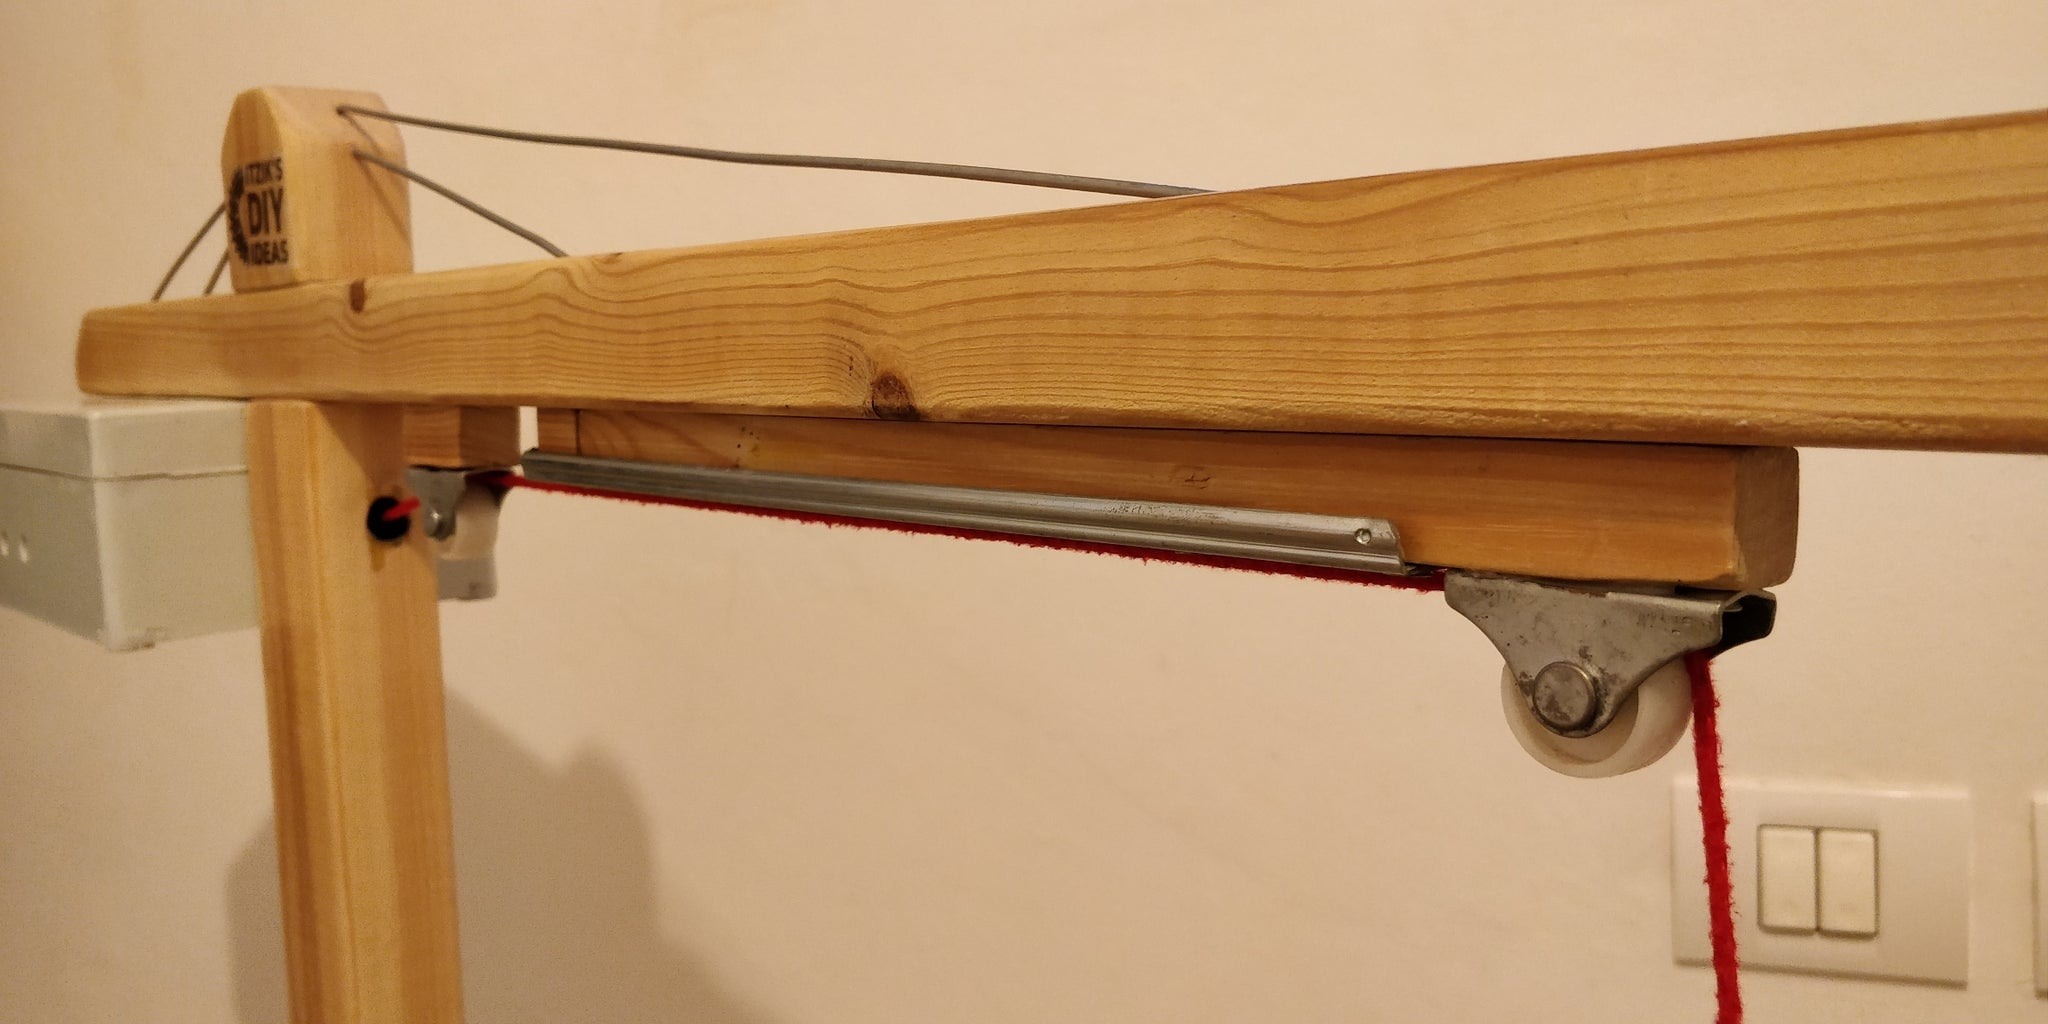 Woodworking - Mechanism Closeup